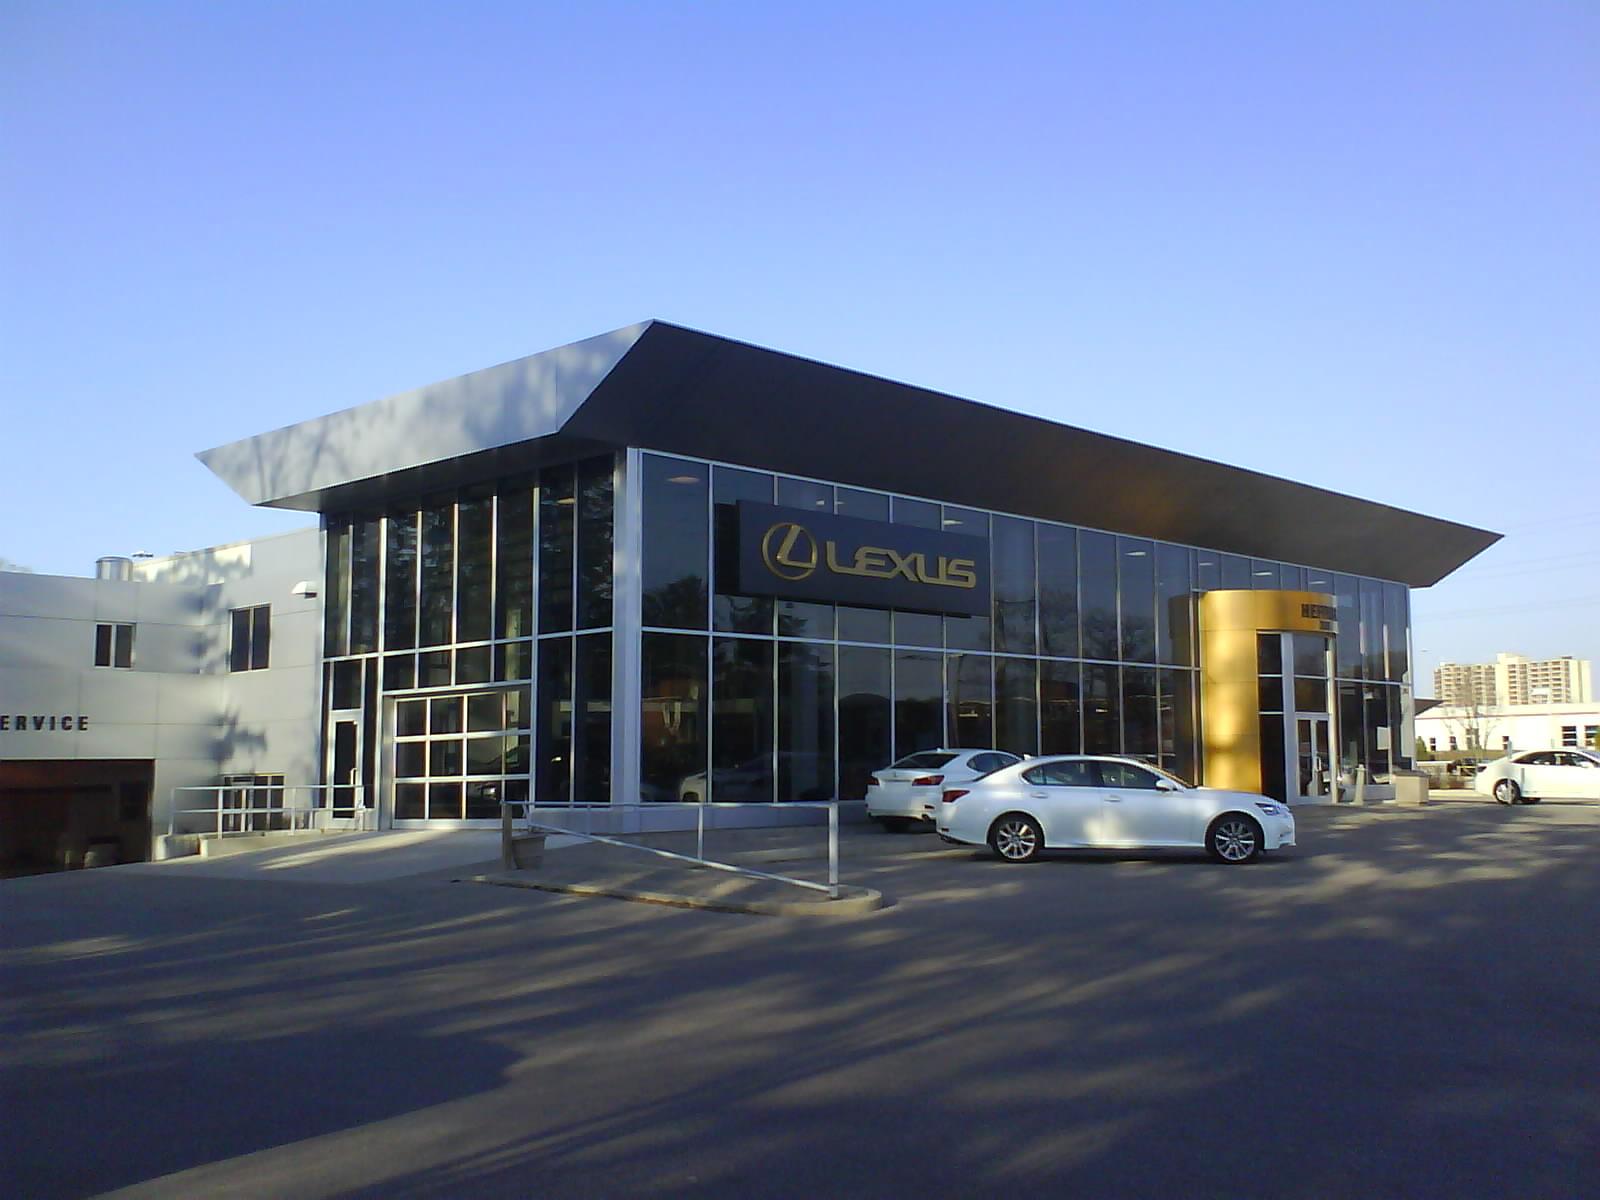 Architecture Branding Lexus pursues to perfect the premium